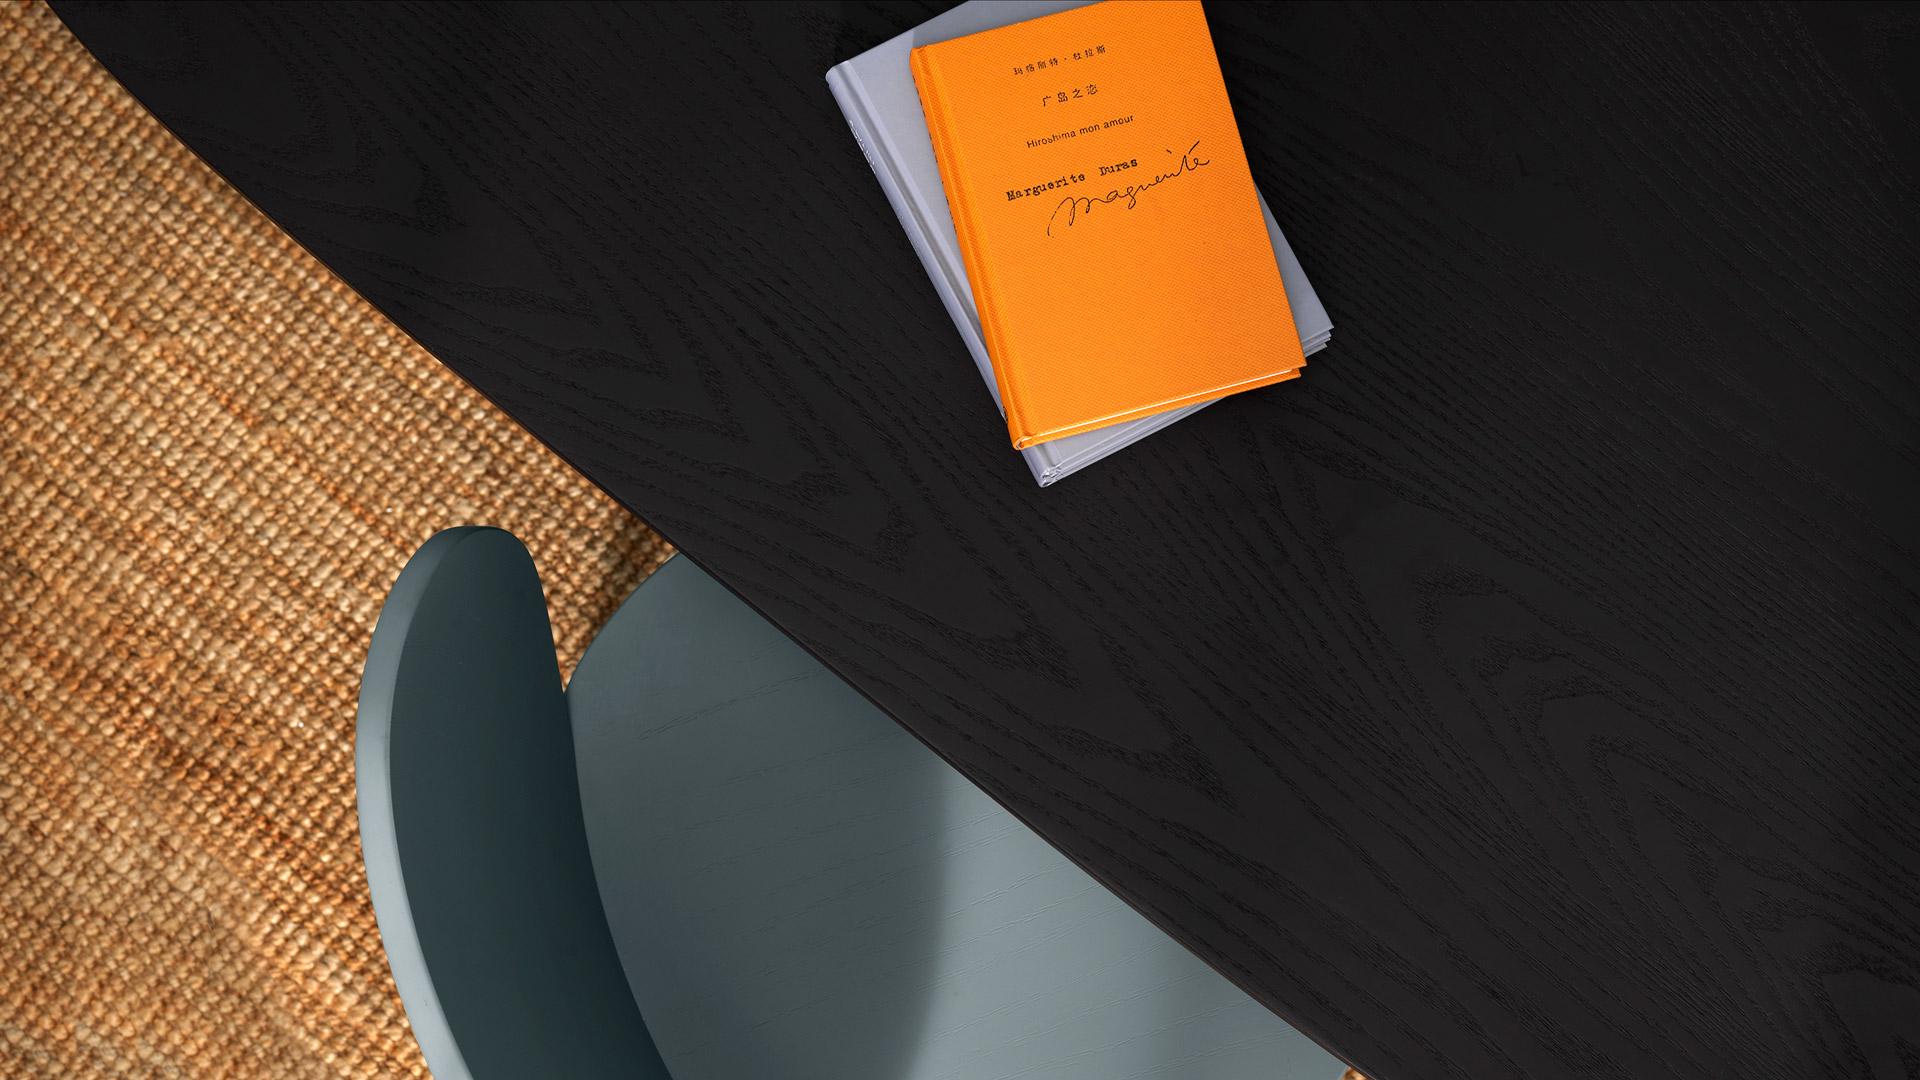 当你厌倦了呆板的书桌,何不以轻灵曲线与质感木纹重新定义它,一张桌也可兼具圆润桌角、弧度桌腿等8处以上曲线,迸发创想灵感。